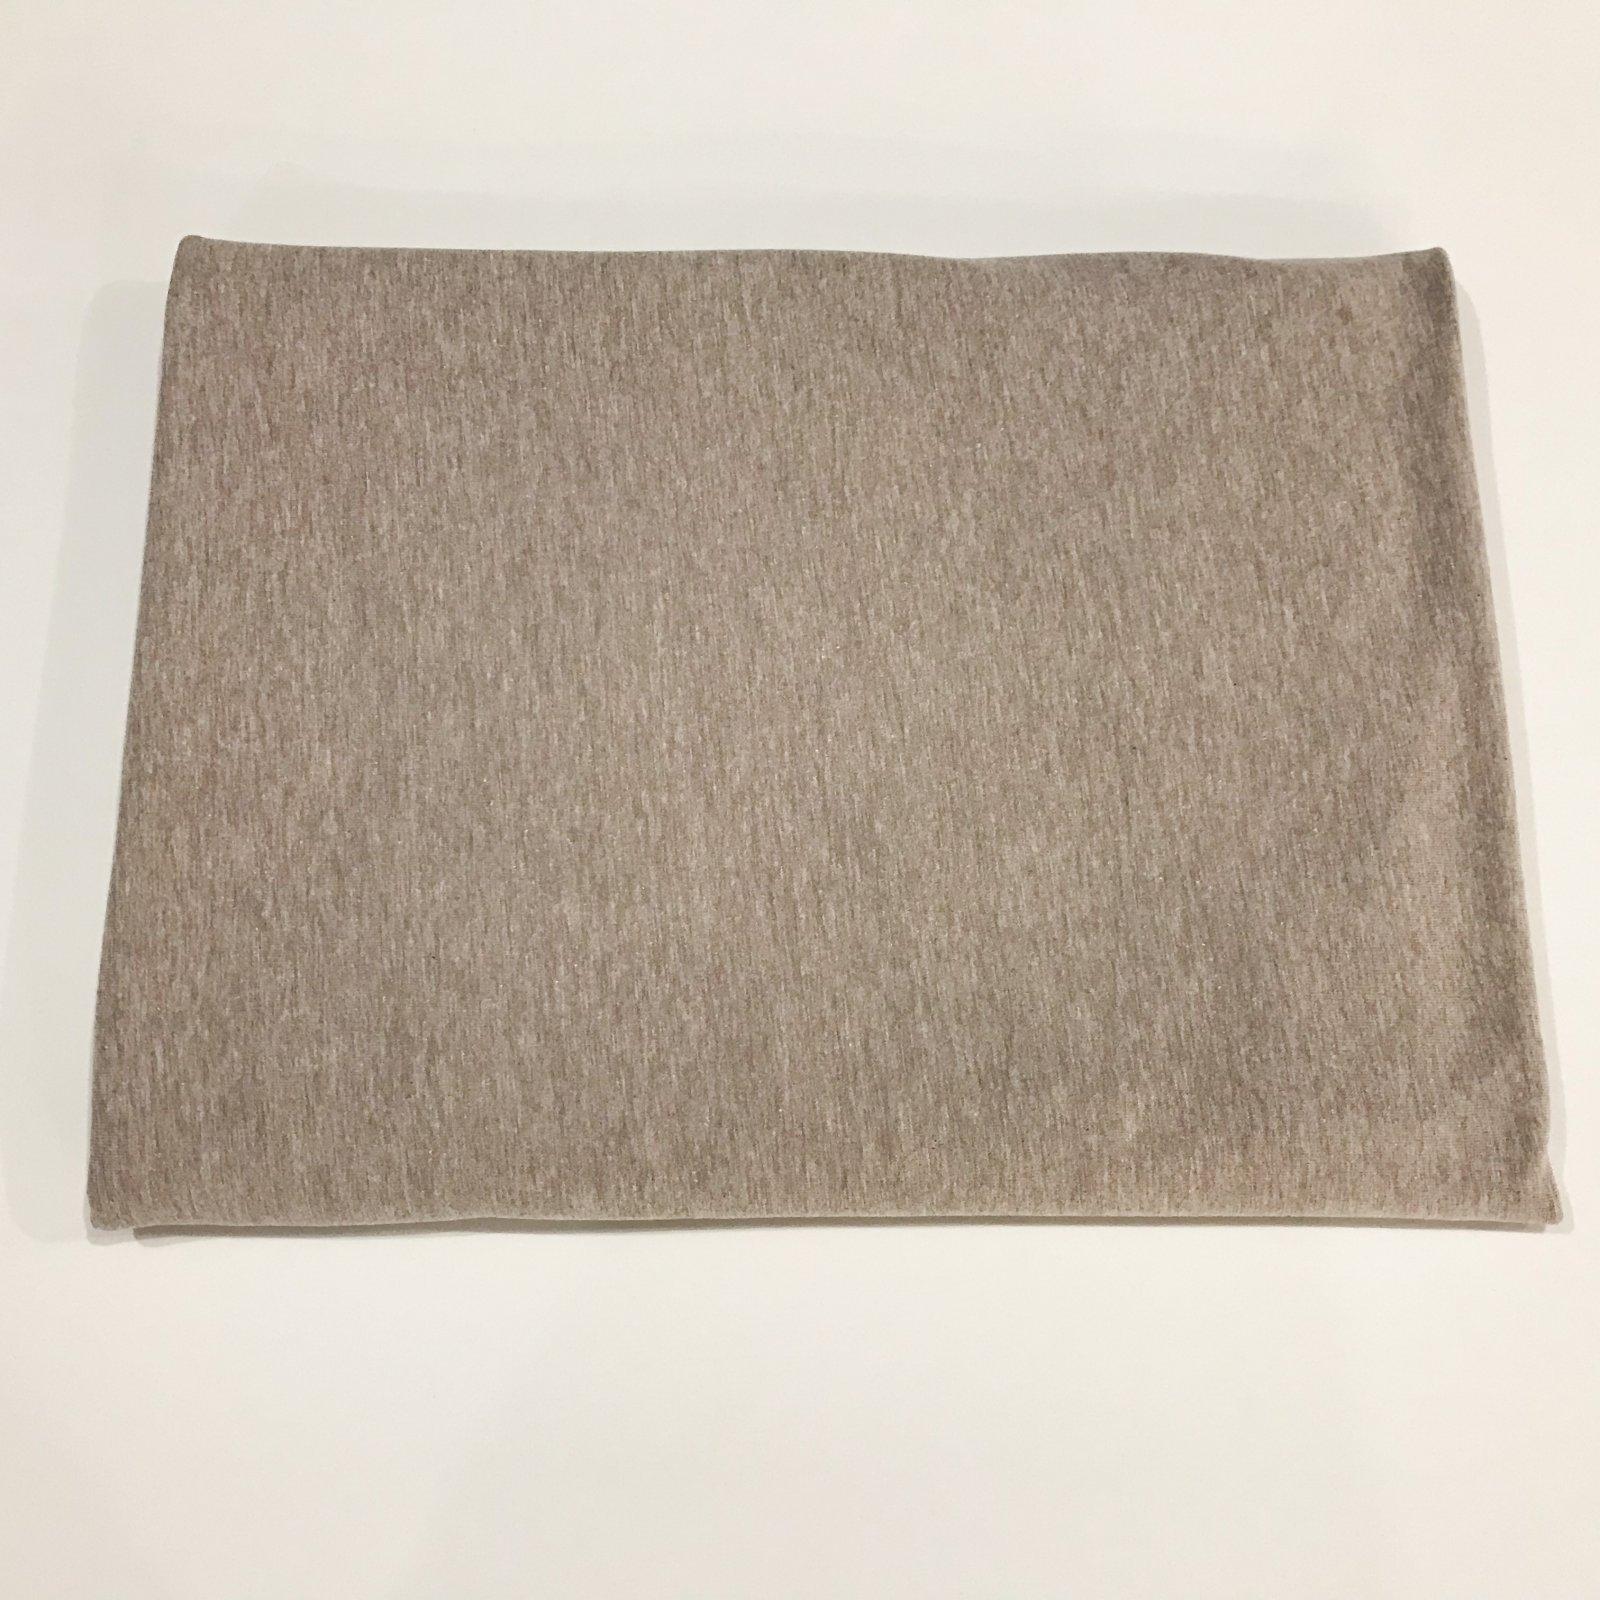 1 1/3 yards - Cotton Knit - Tan Melange